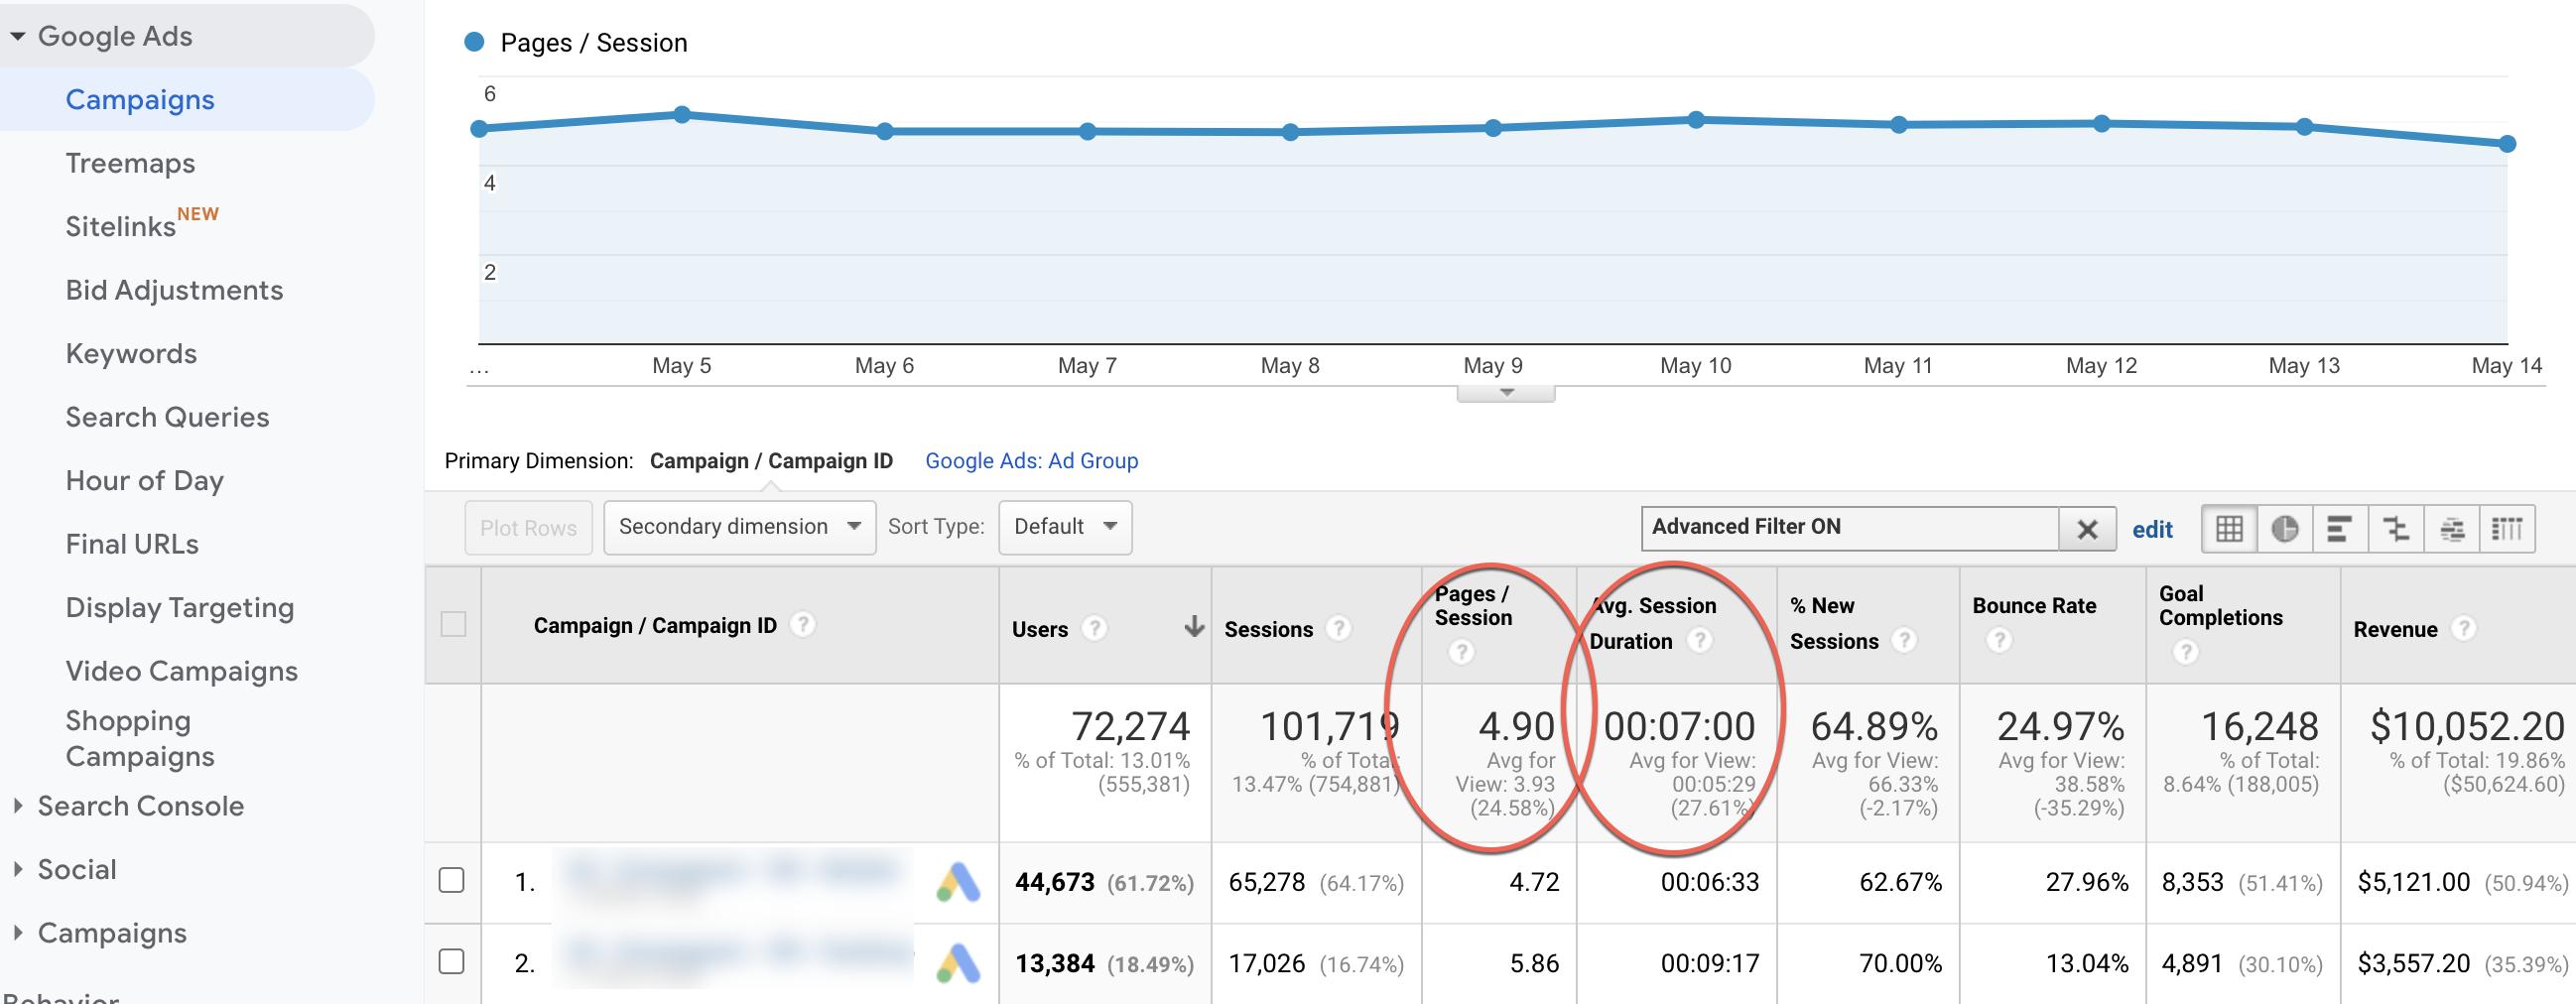 Non-branded search campaigns metrics.